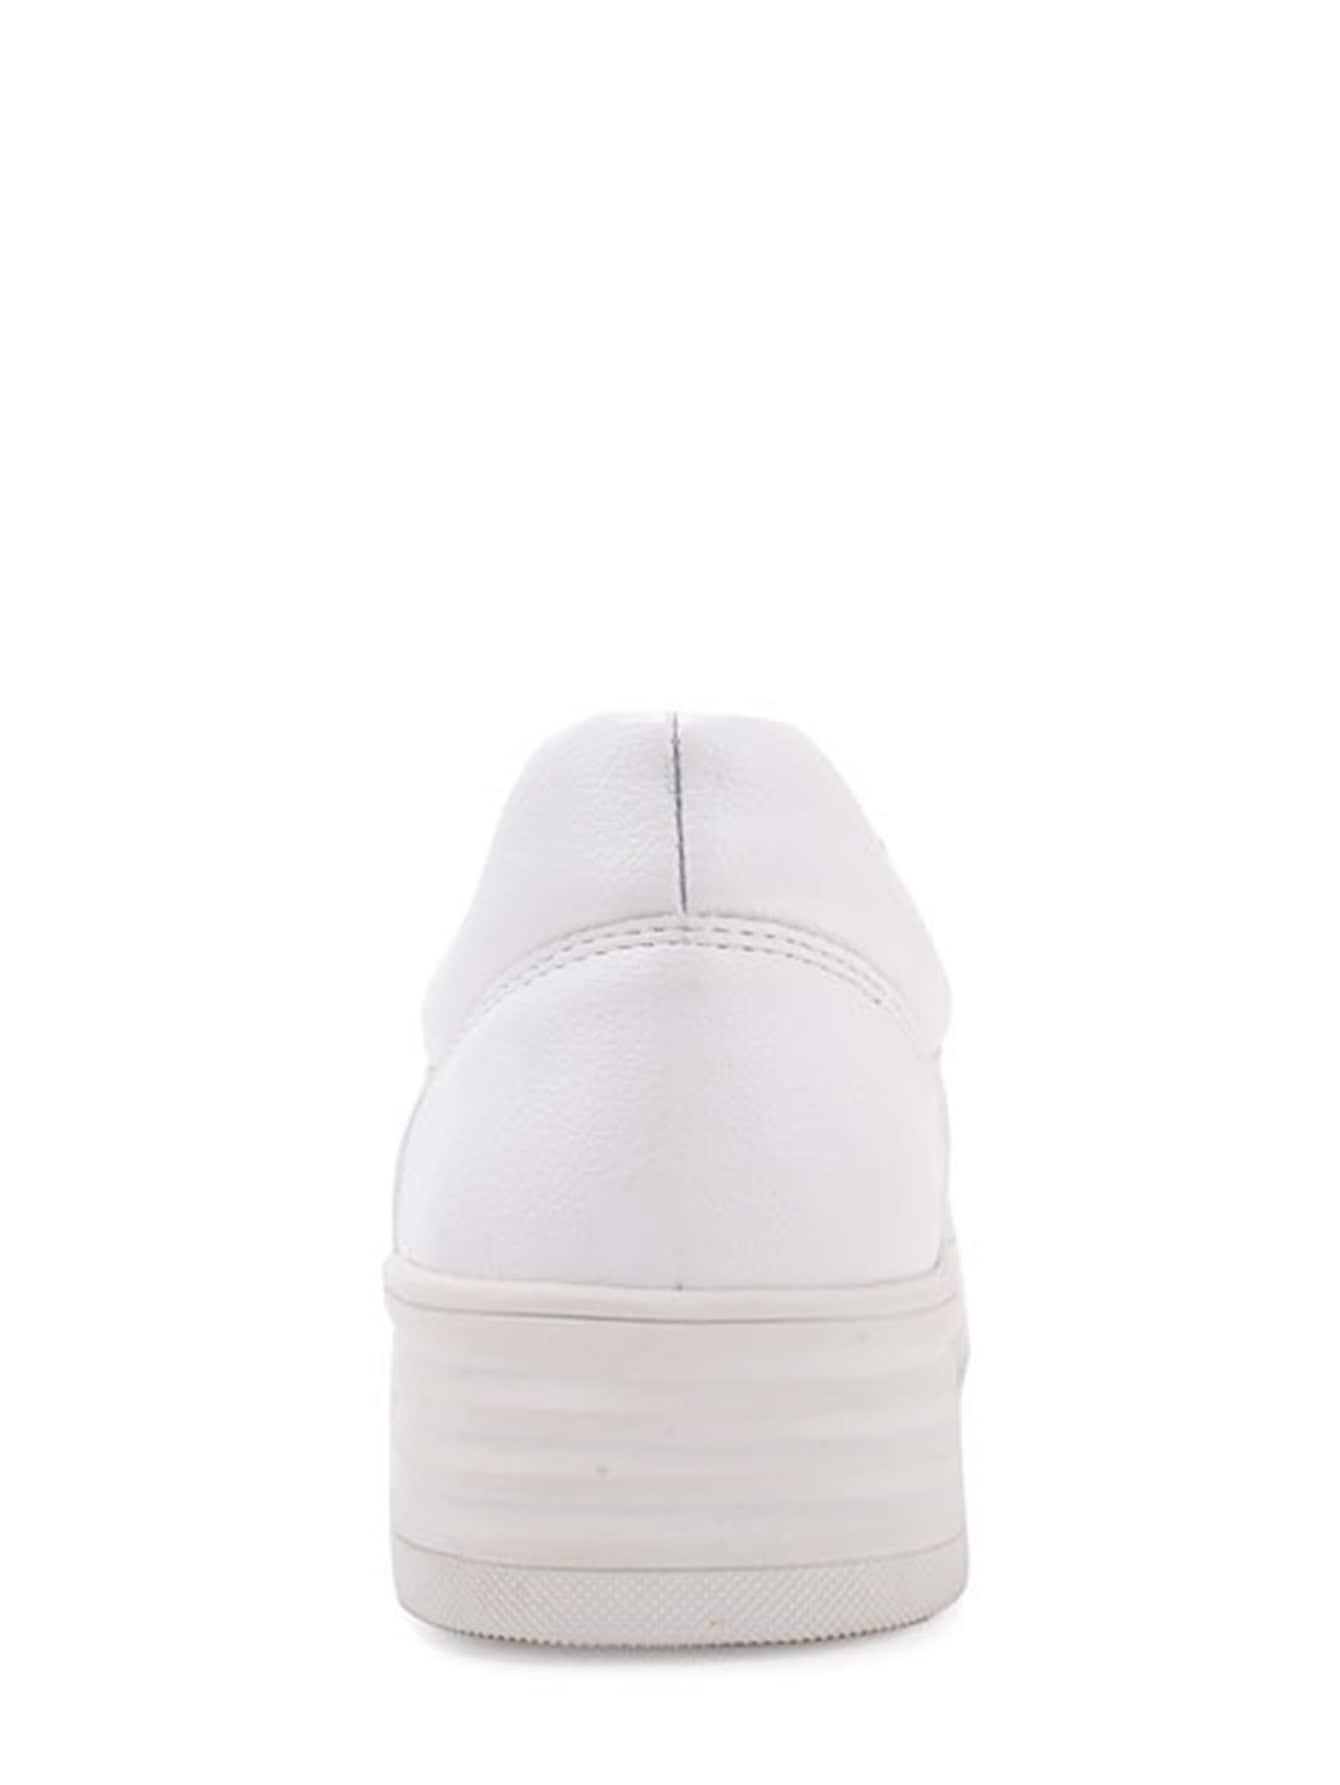 shoes161020809_2